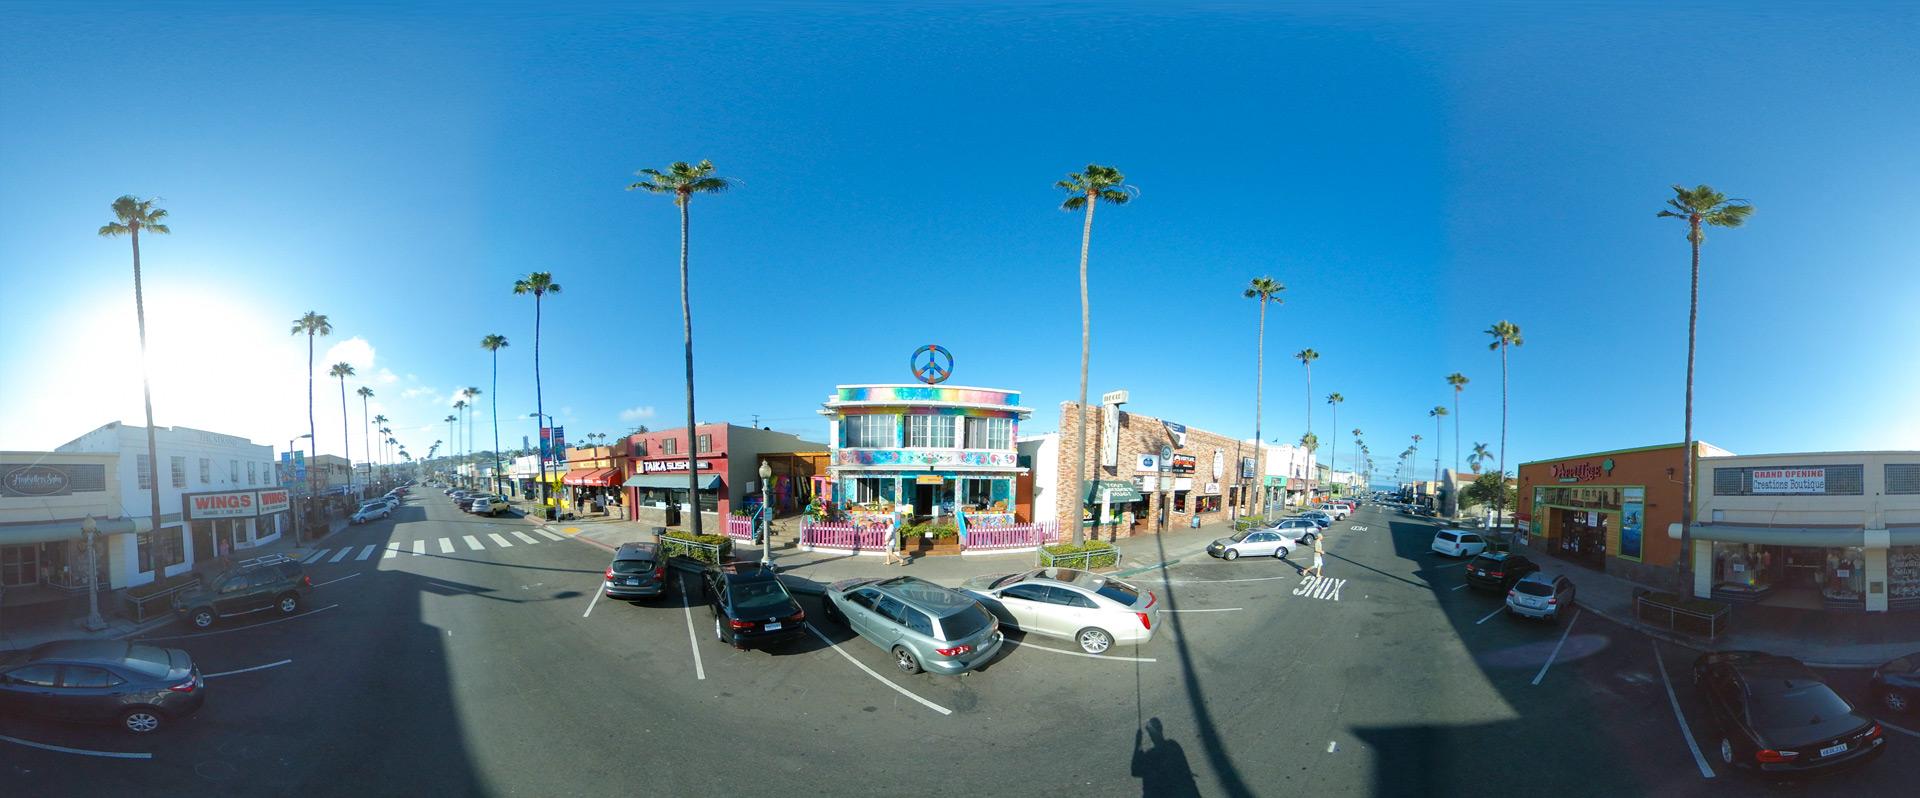 Ocean Beach, San Diego - Youth Hostel